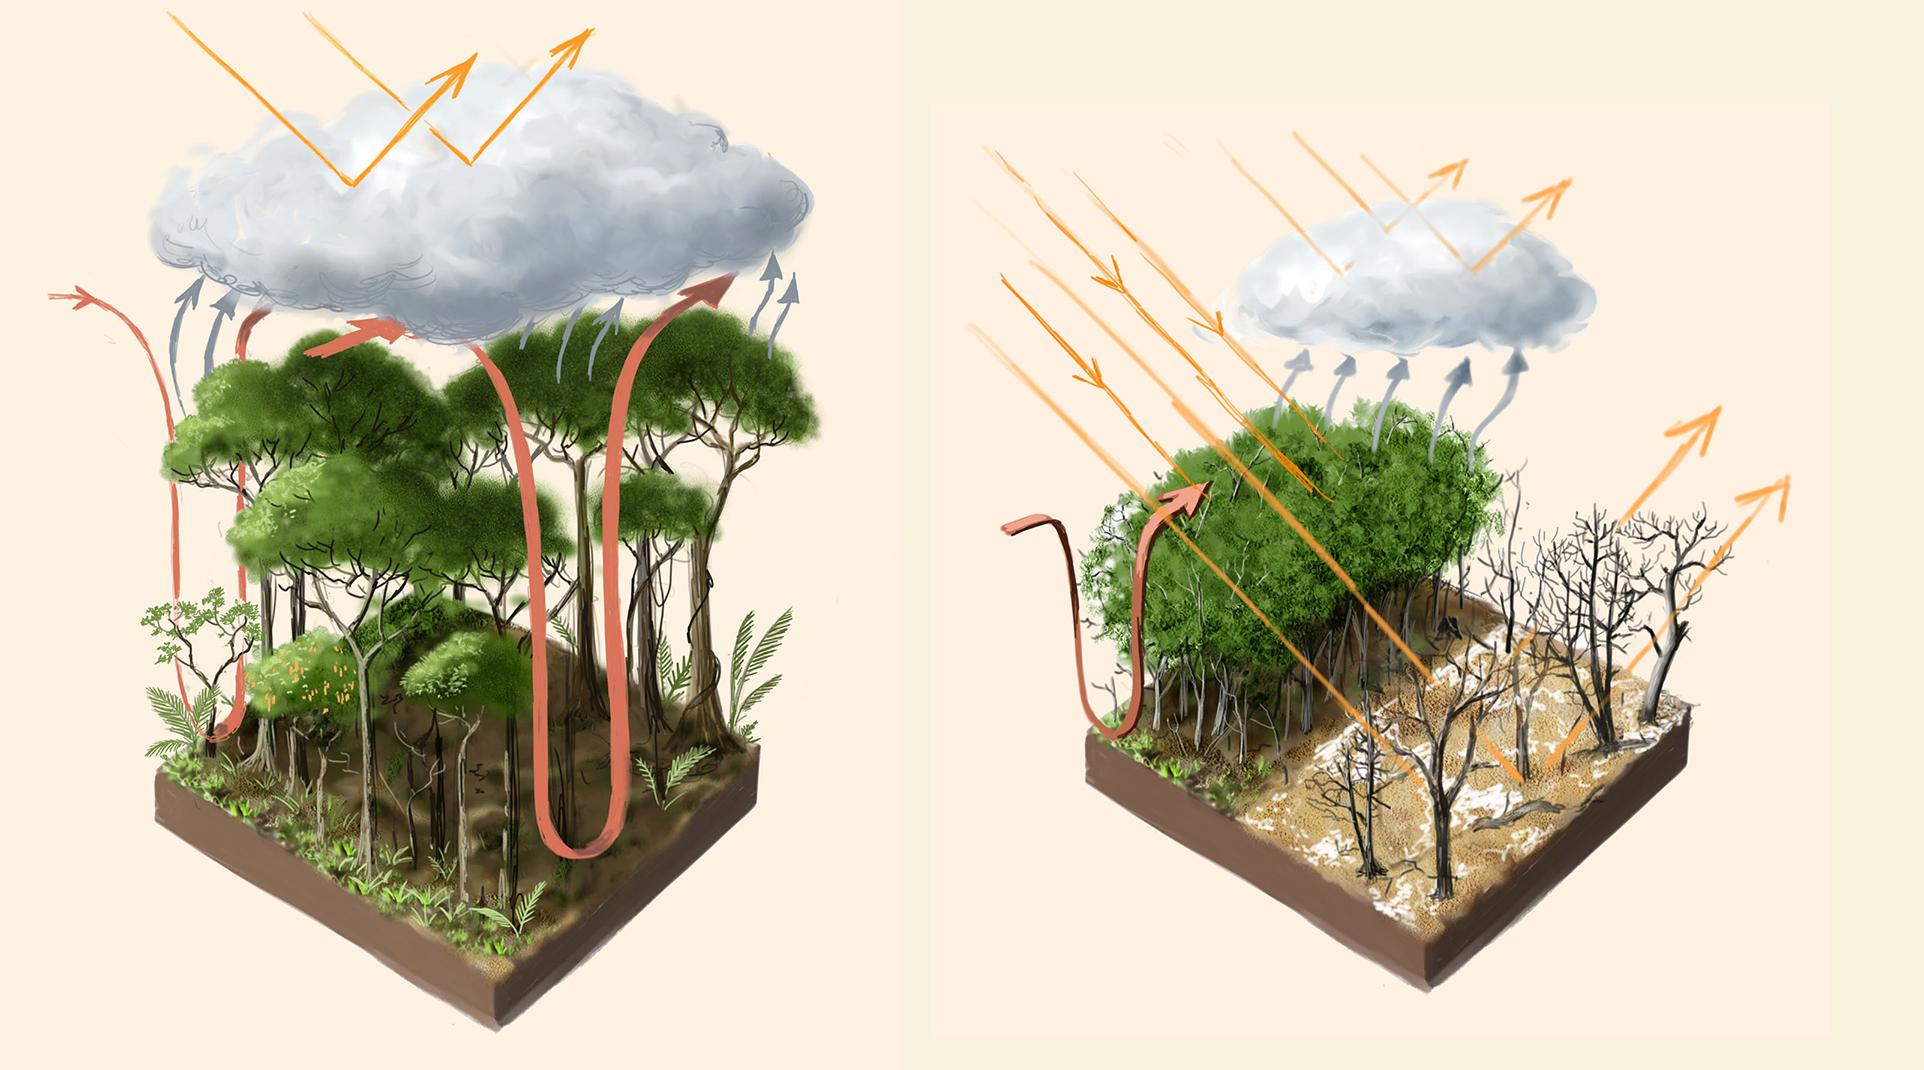 leshyk illustration rainforest temperate flux